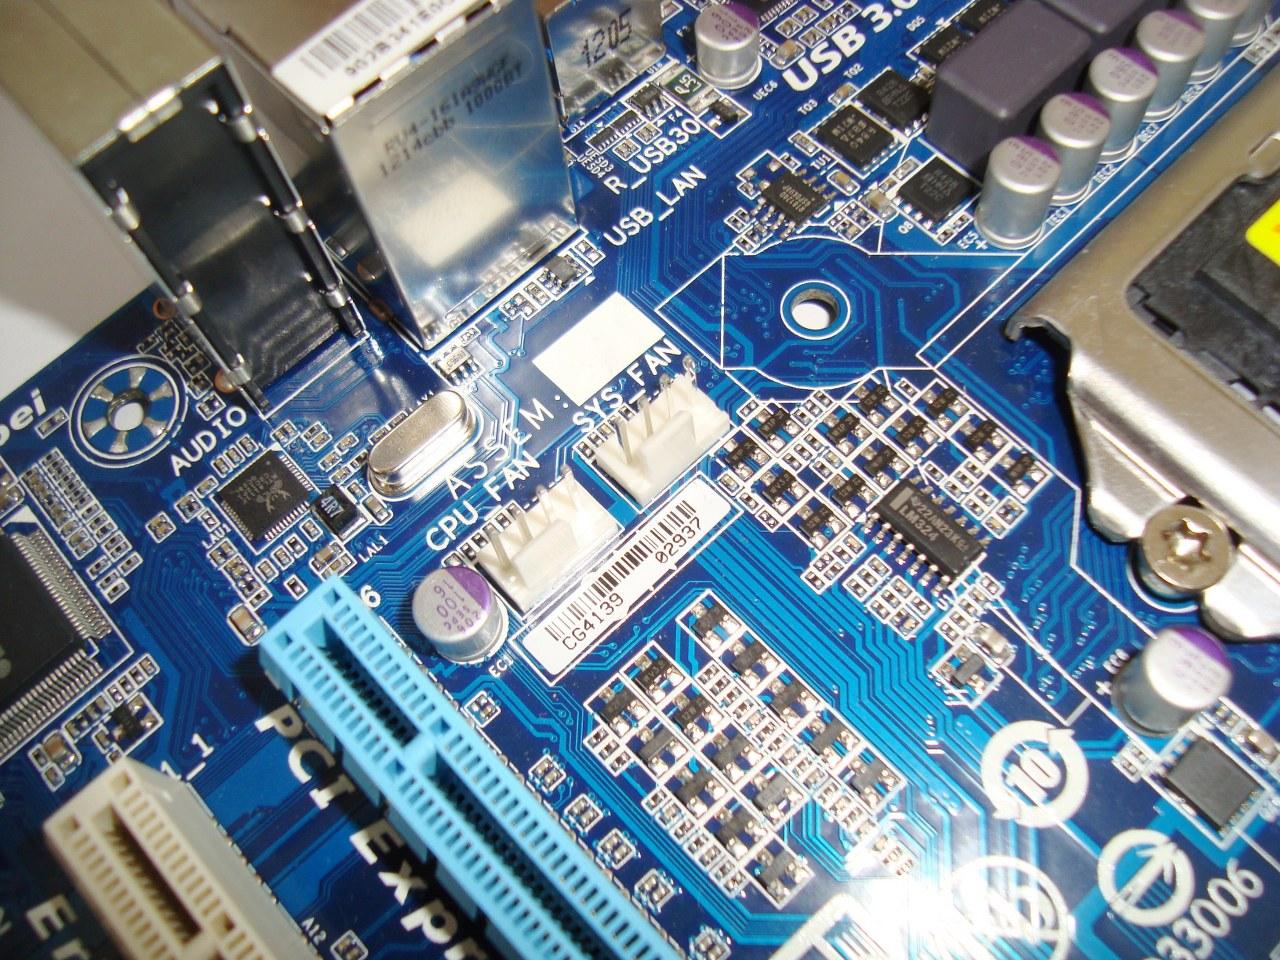 możliwość podłączenia dwóch wentylatorów, Gigabyte B75M-D3V